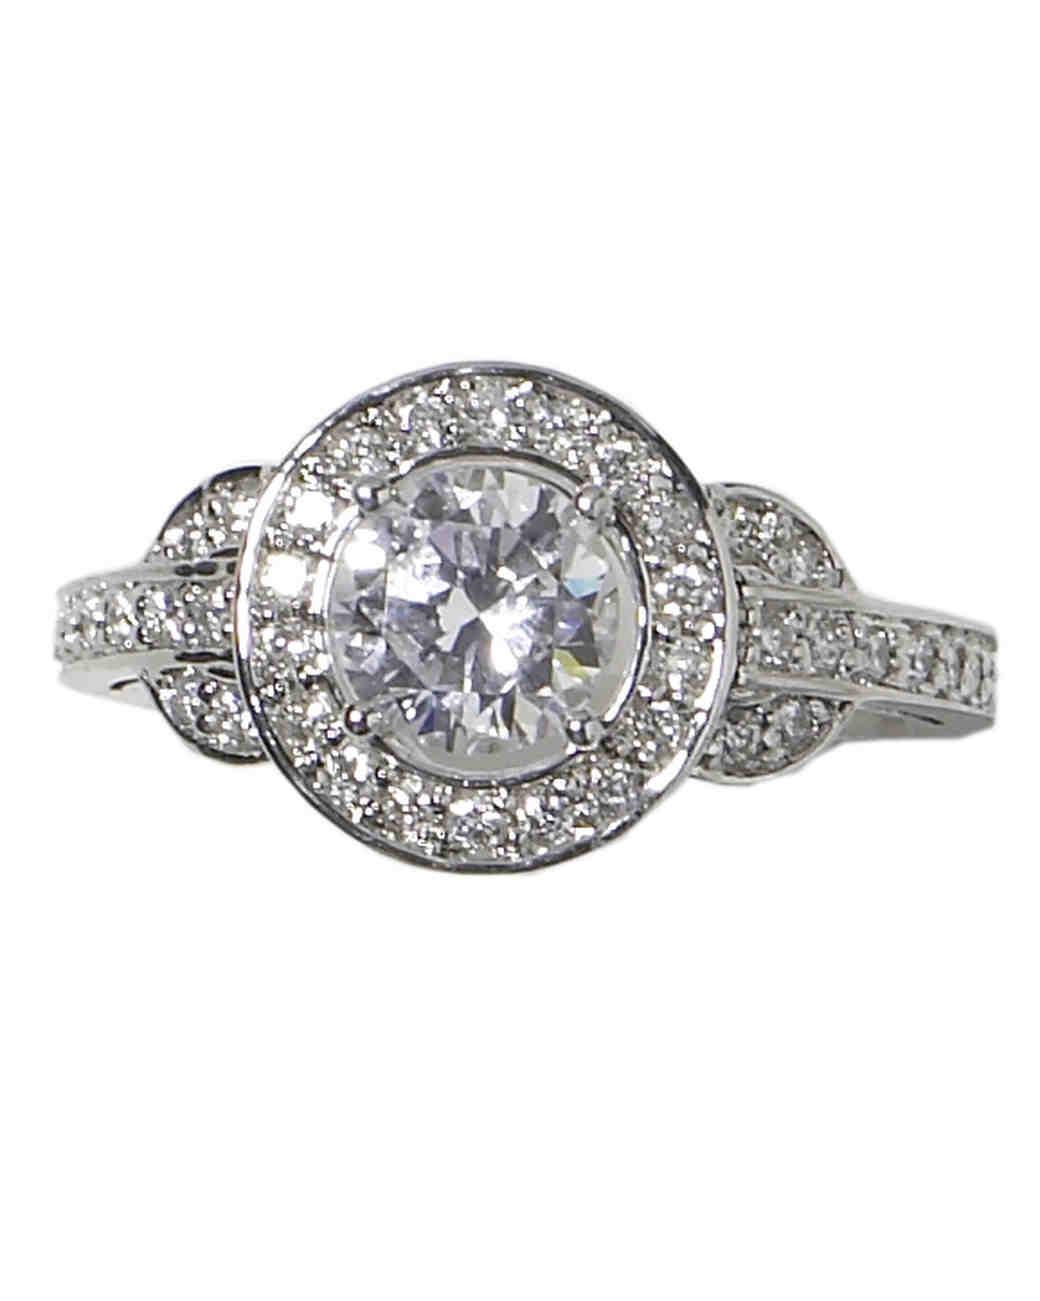 wd404606_spr09_jewelry17.jpg